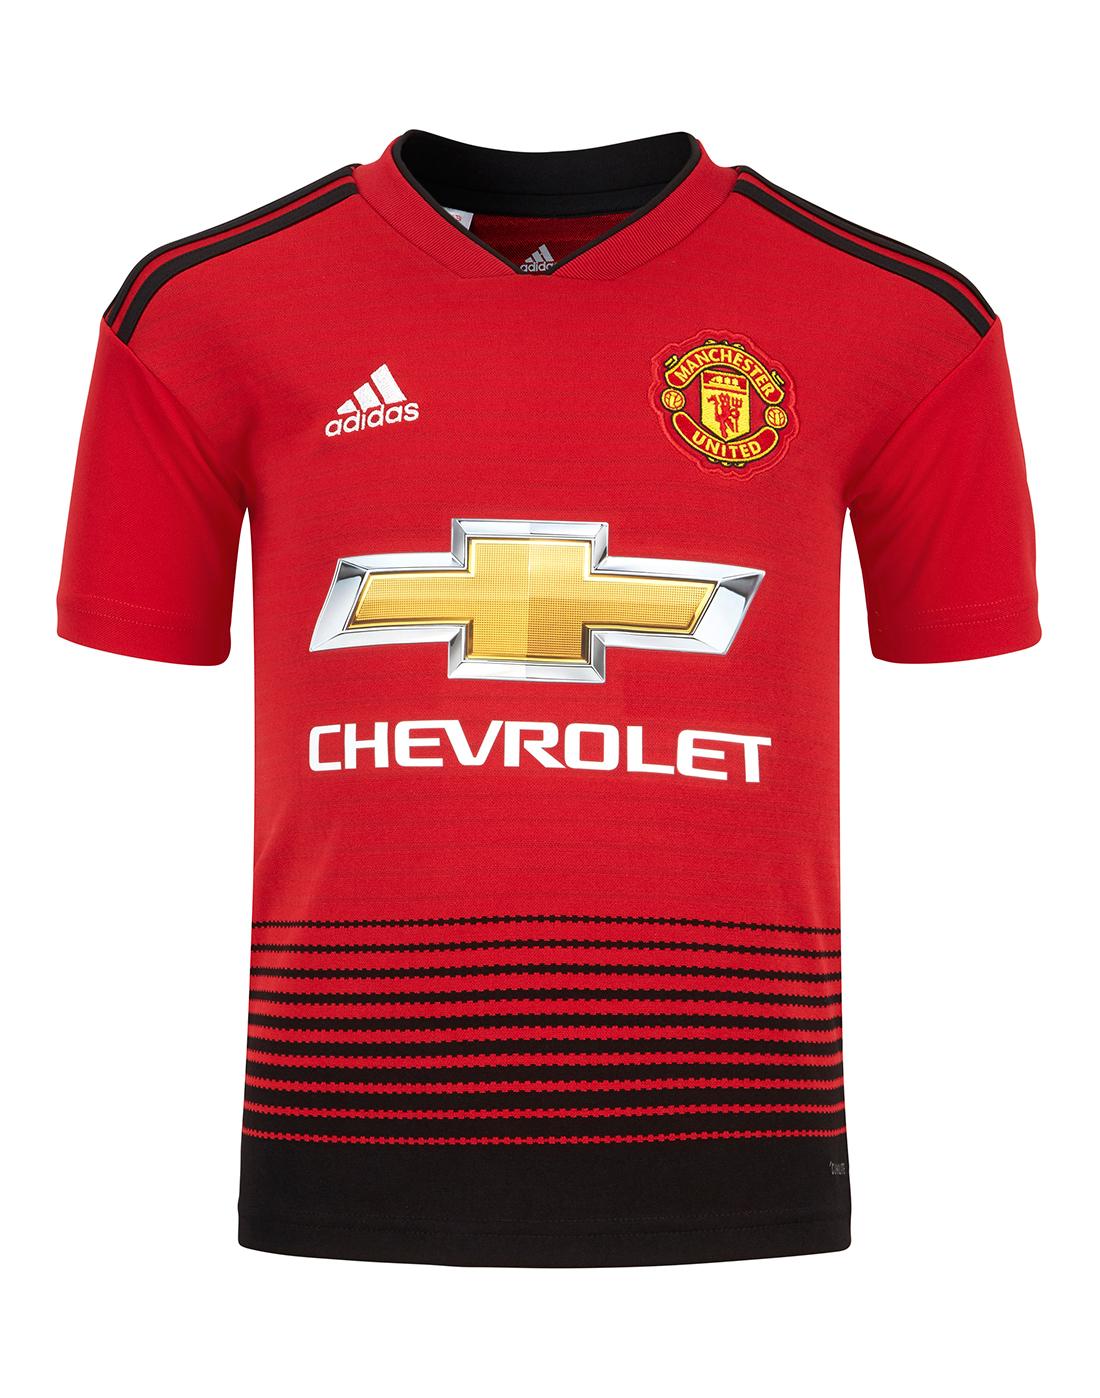 5b36f7d448b Kids Man United 18 19 Home Jersey